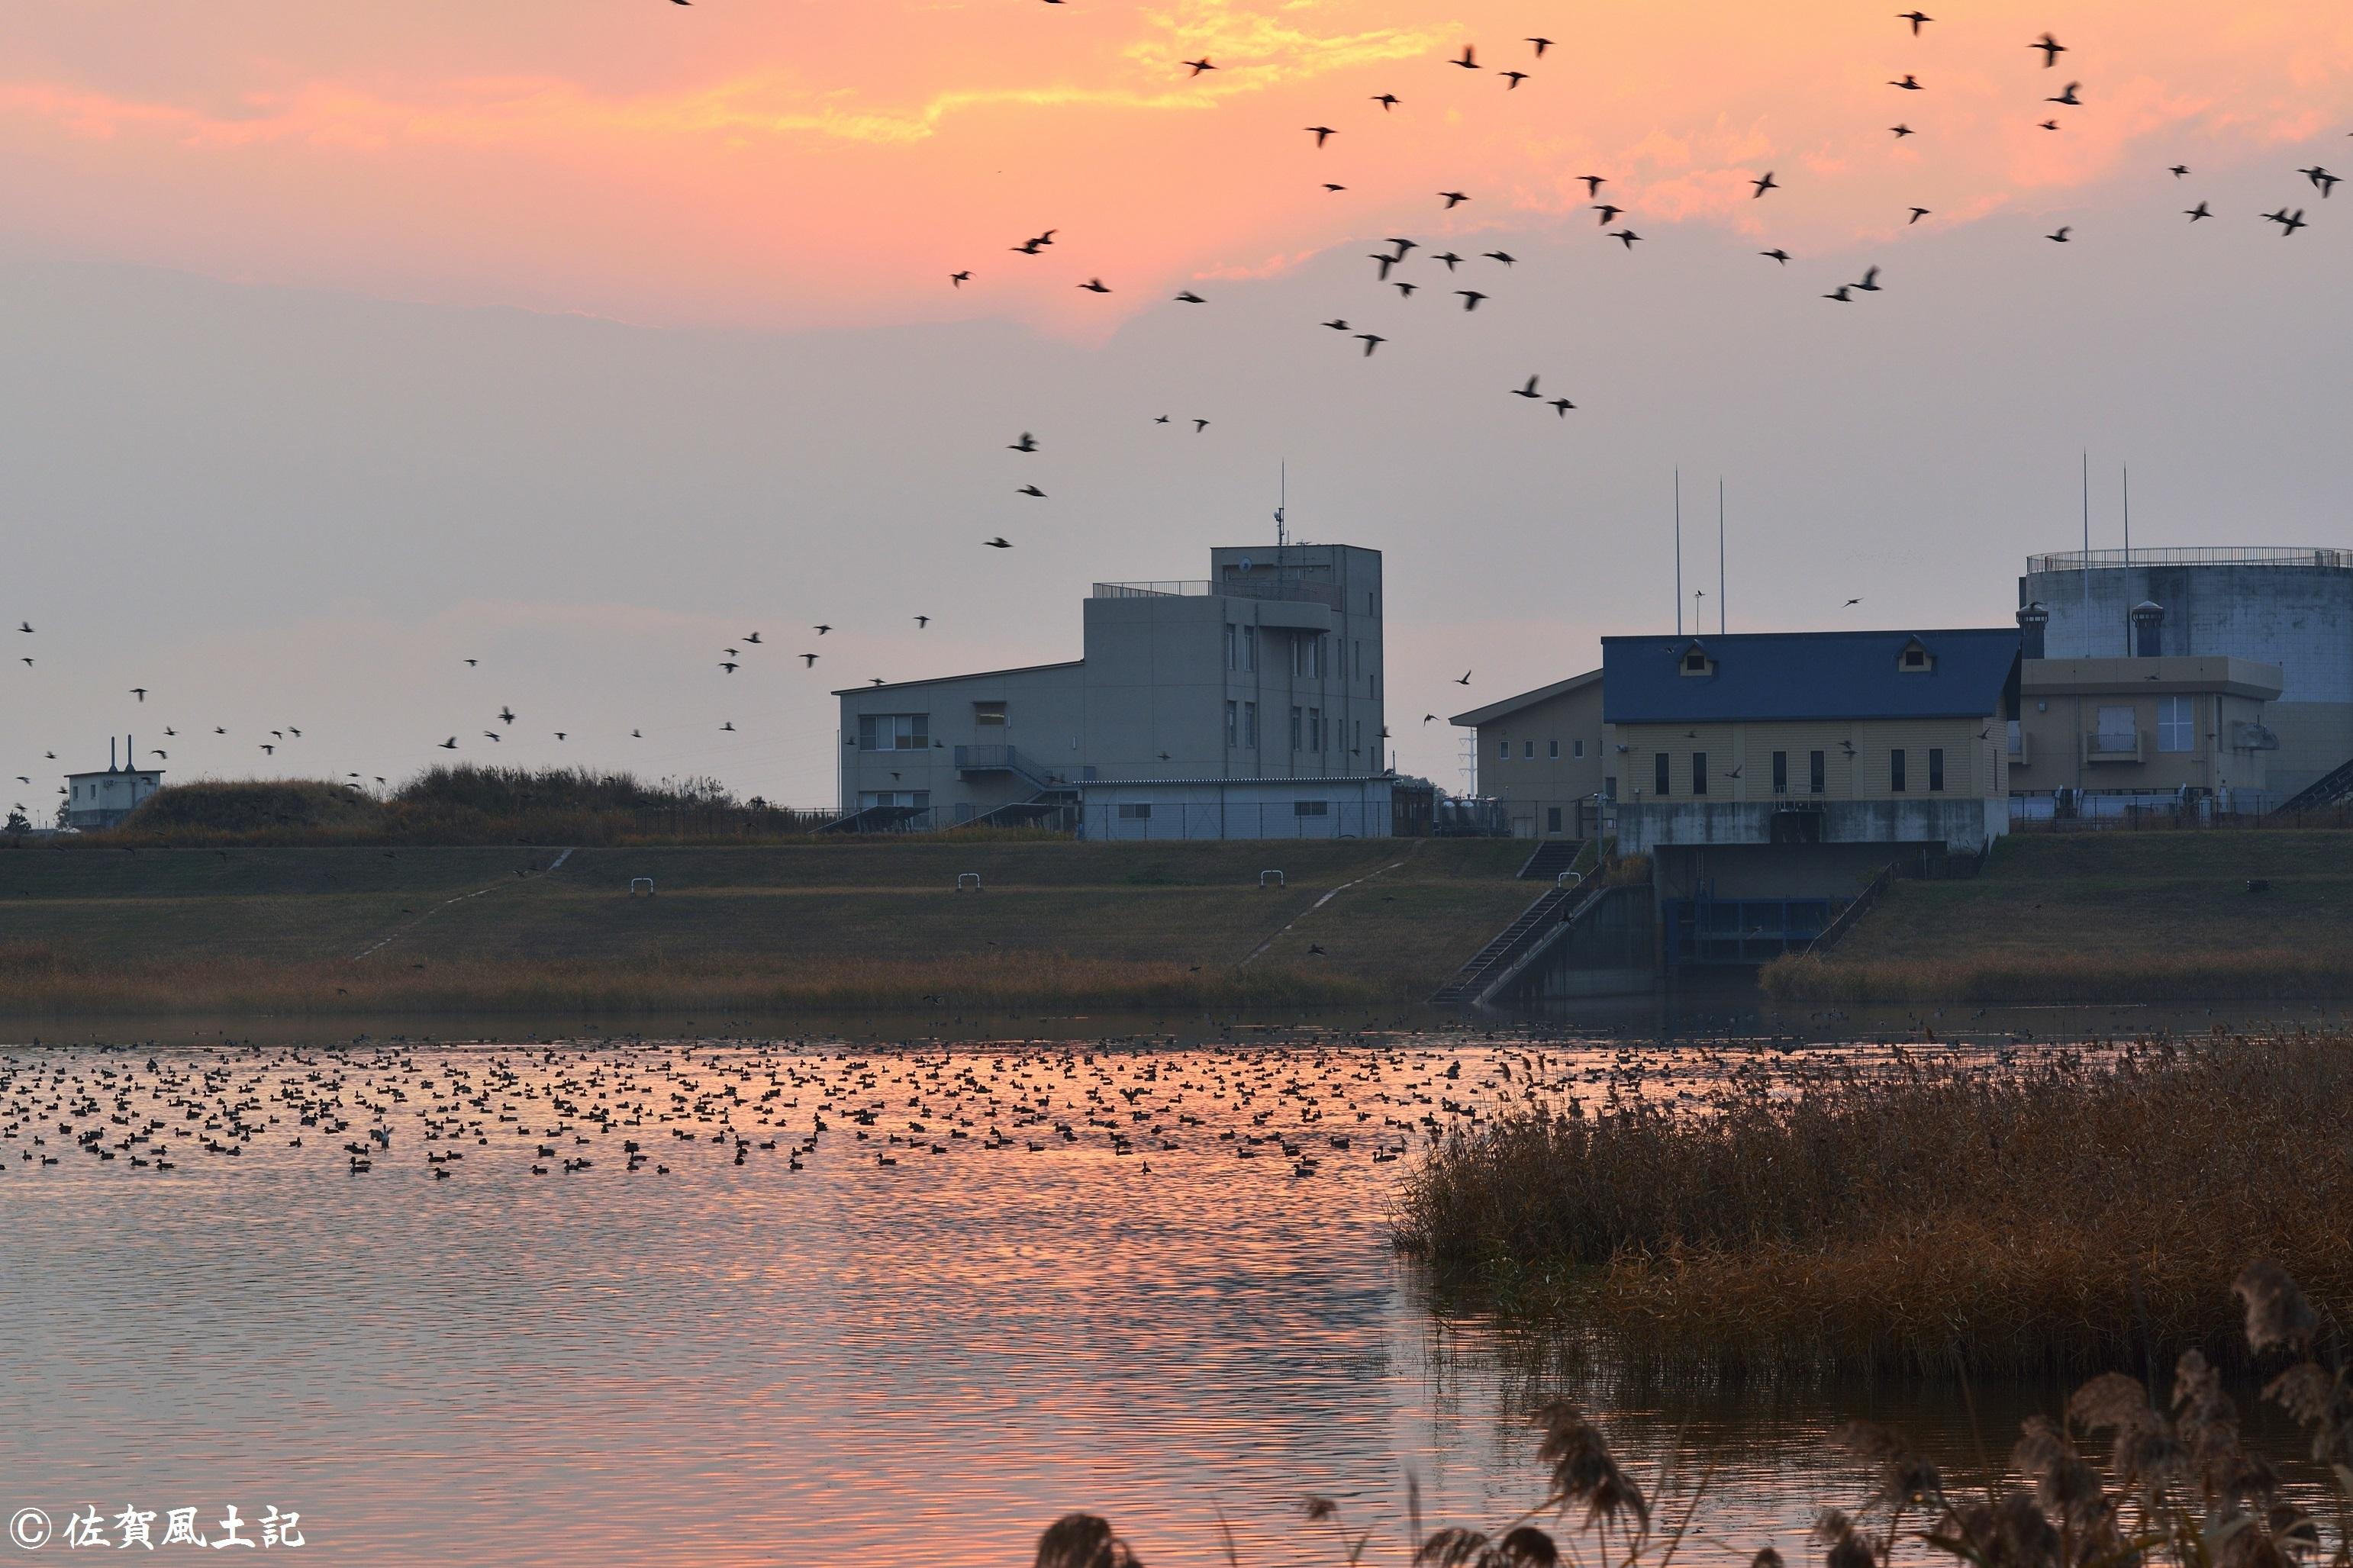 縄文の湖渡り鳥